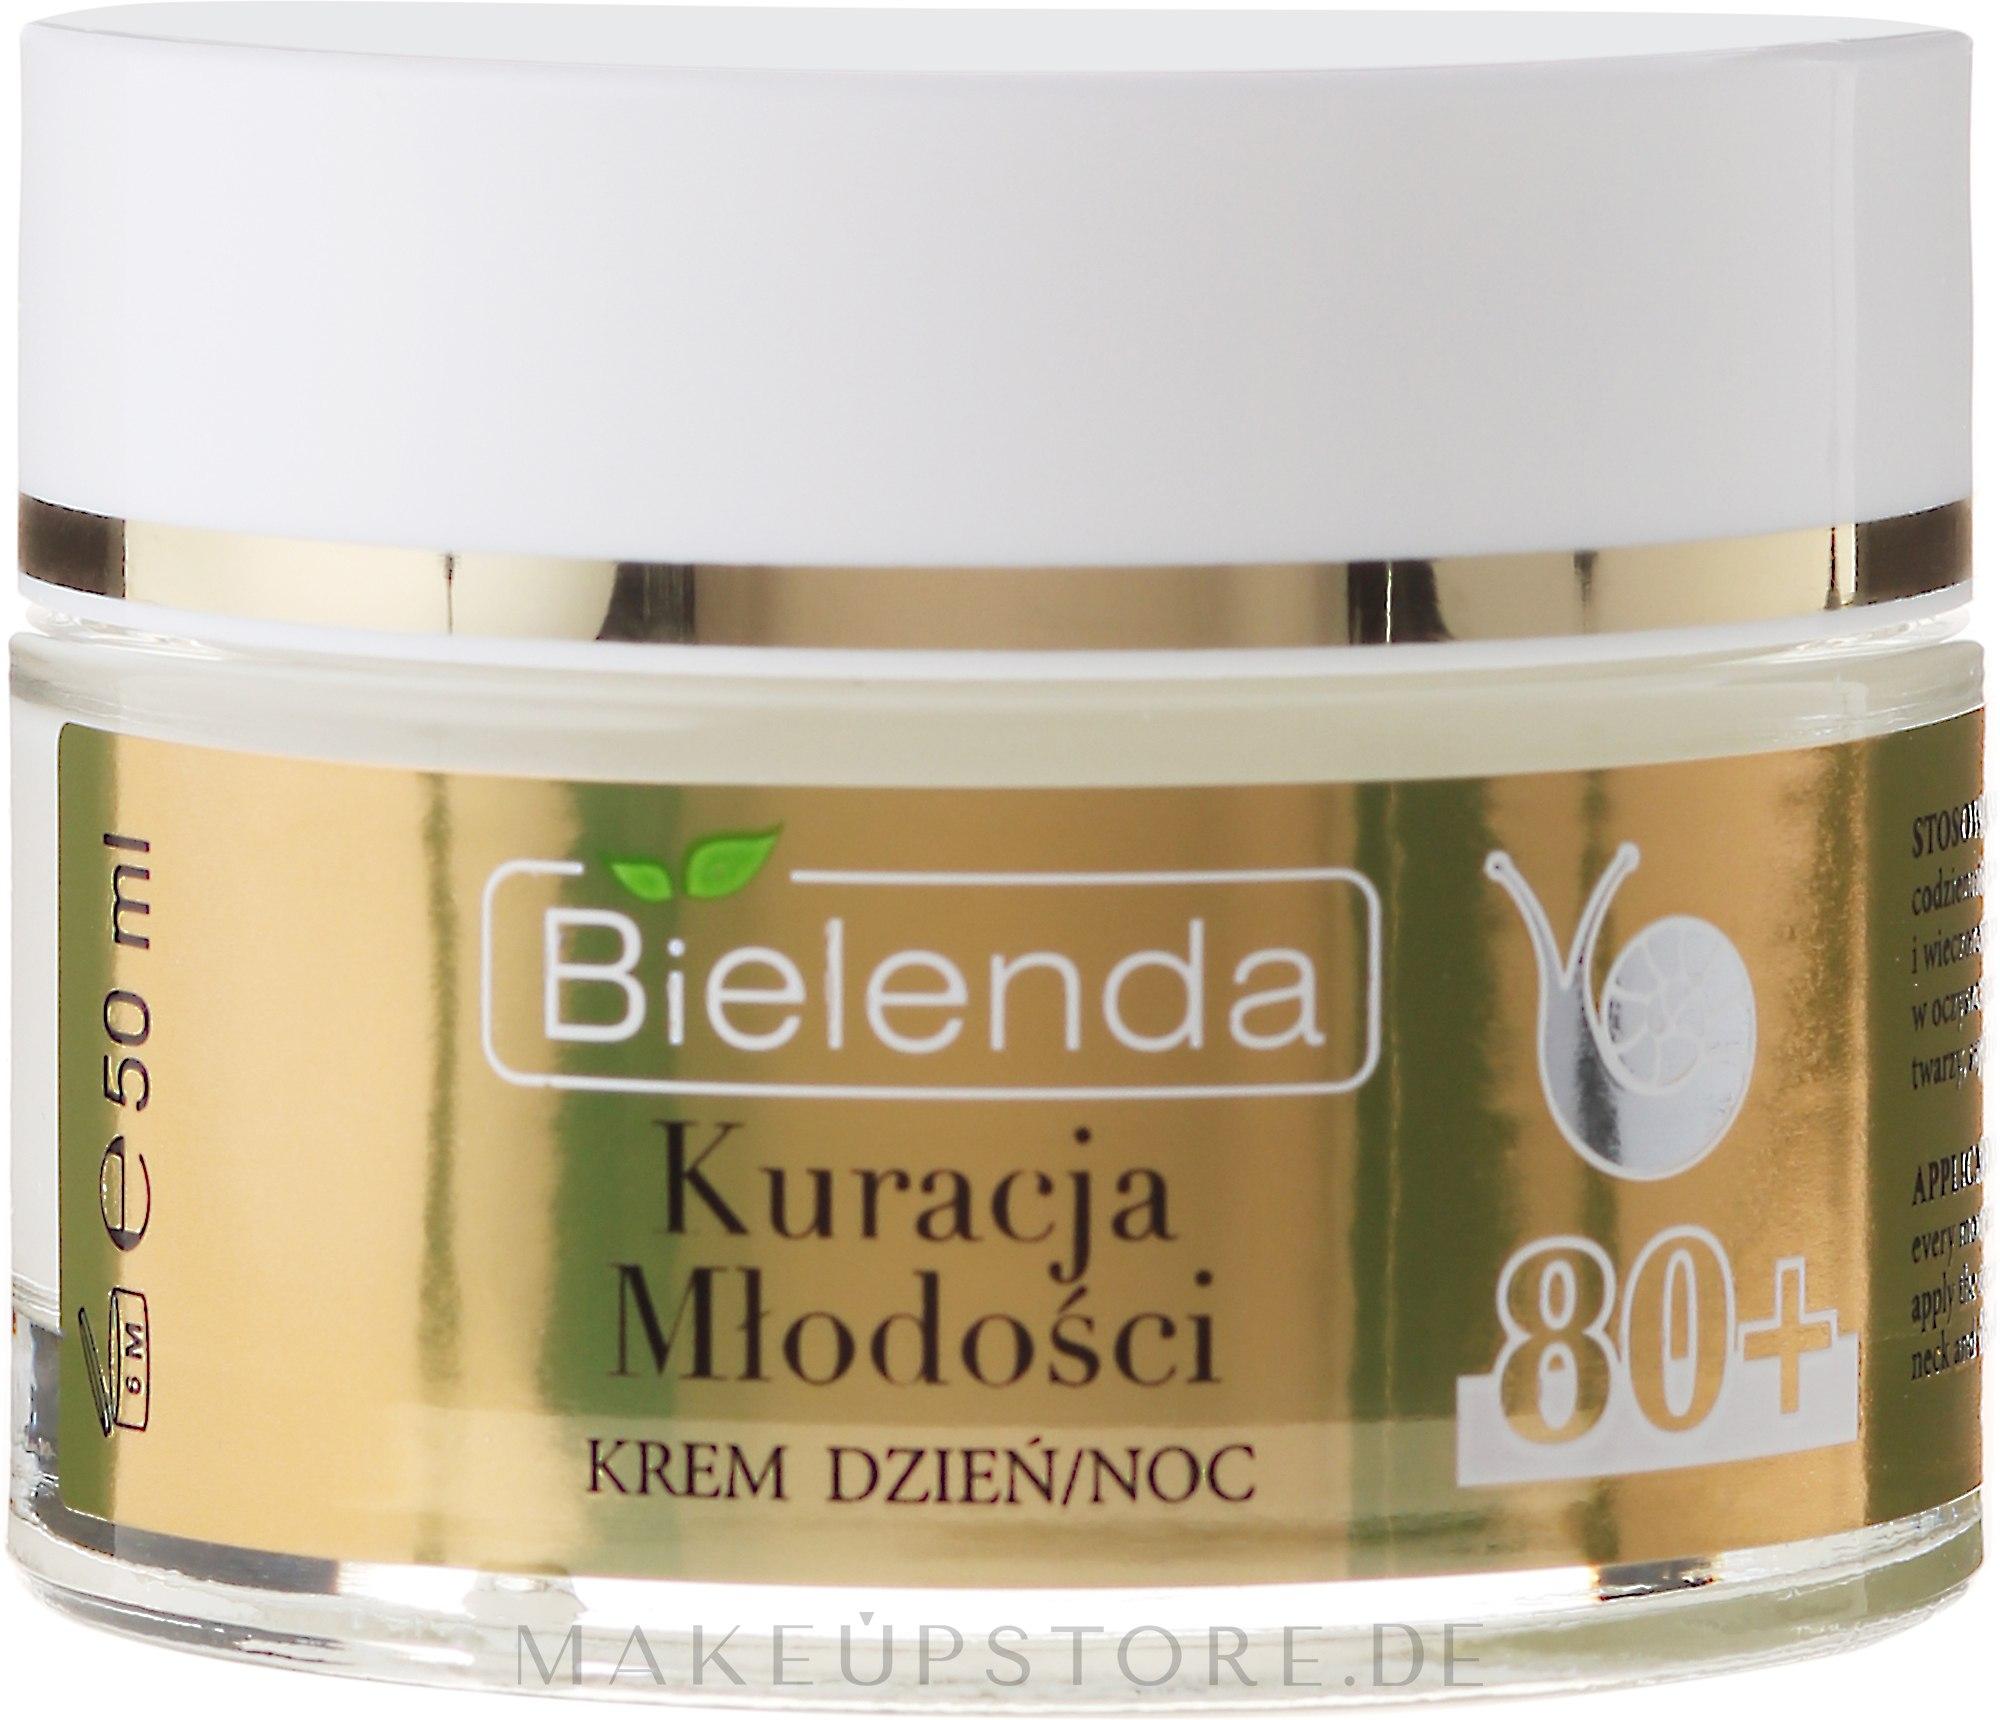 Reparierende Anti-Falten Gesichtscreme mit Schneckenschleim-Extrakt 80+ - Bielenda Kuracja Mlodosci Cream 80+ — Bild 50 ml